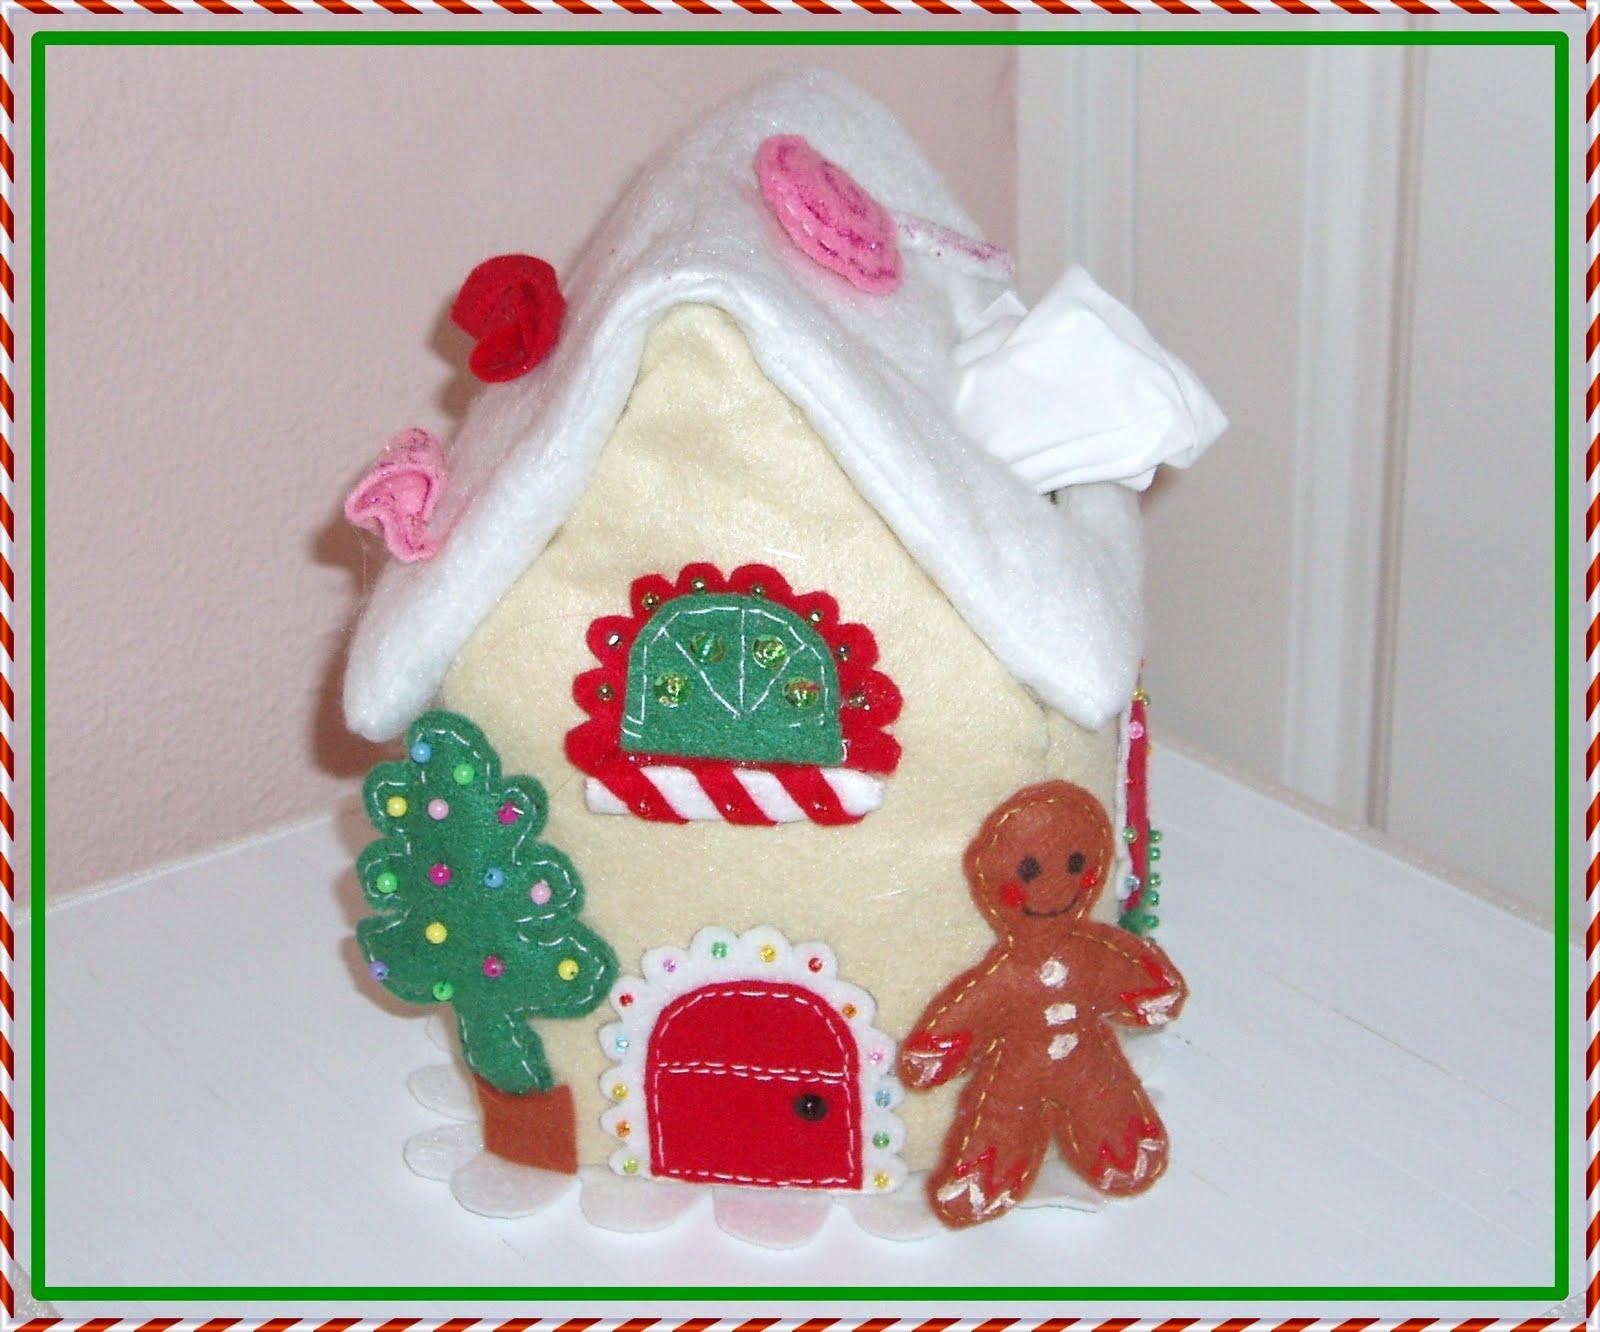 Bobiando un ratito casitas de navidad - Casitas de nacimientos de navidad ...